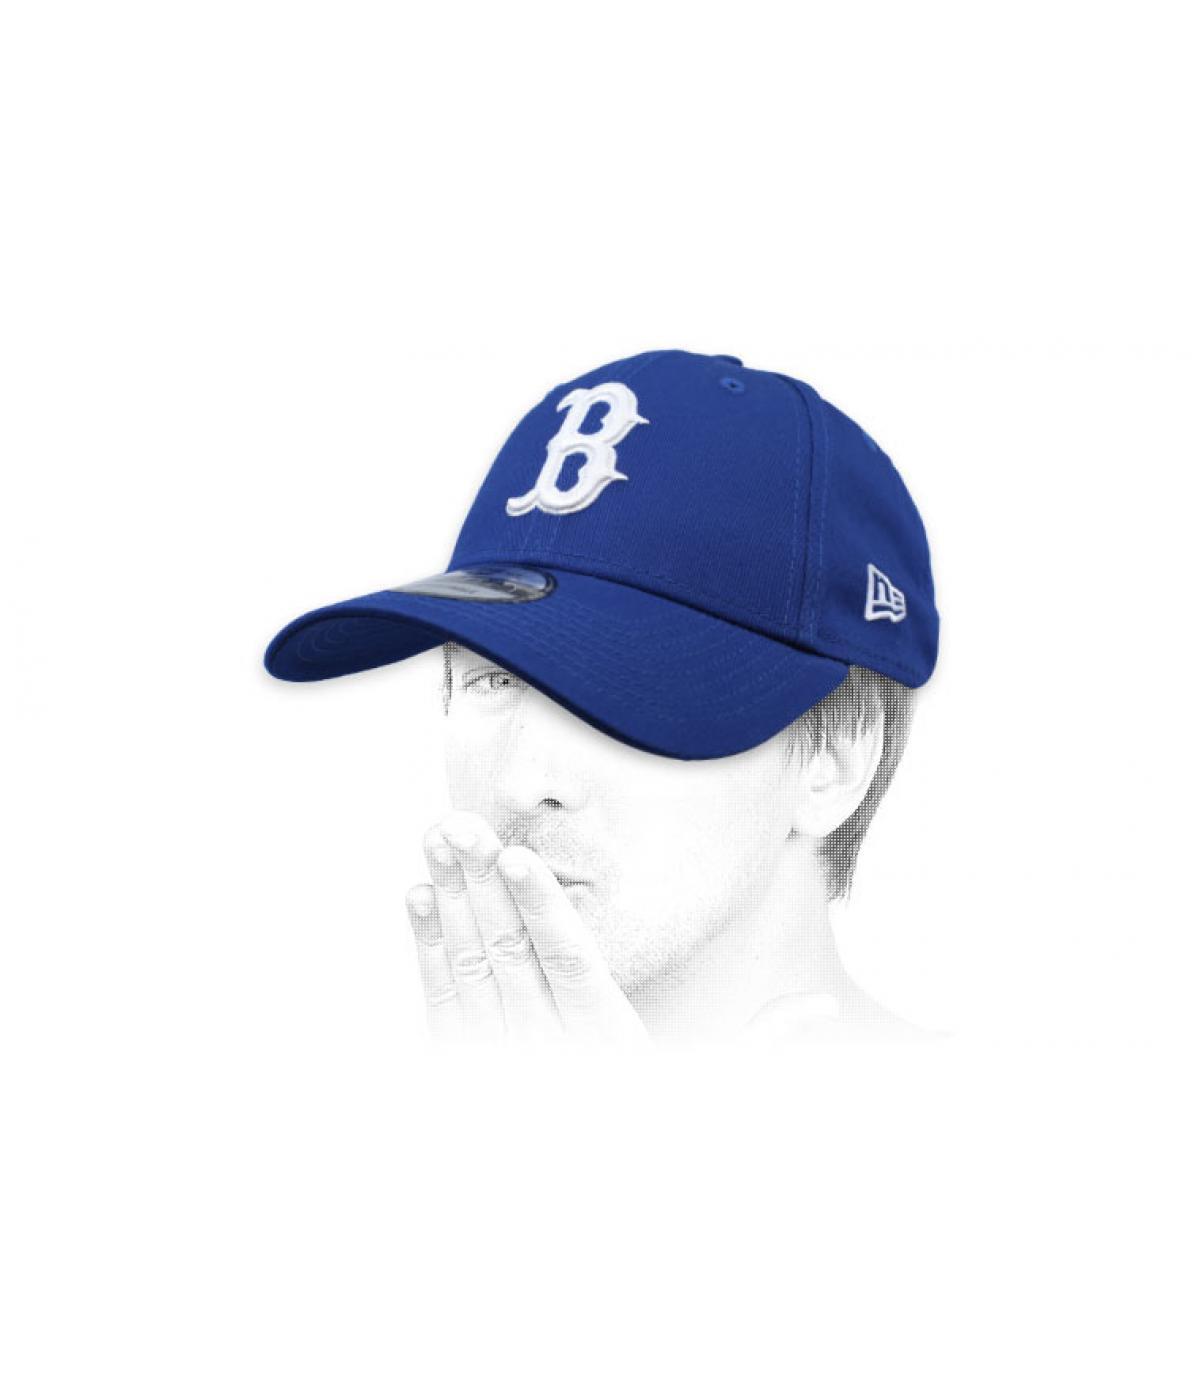 blue B cap